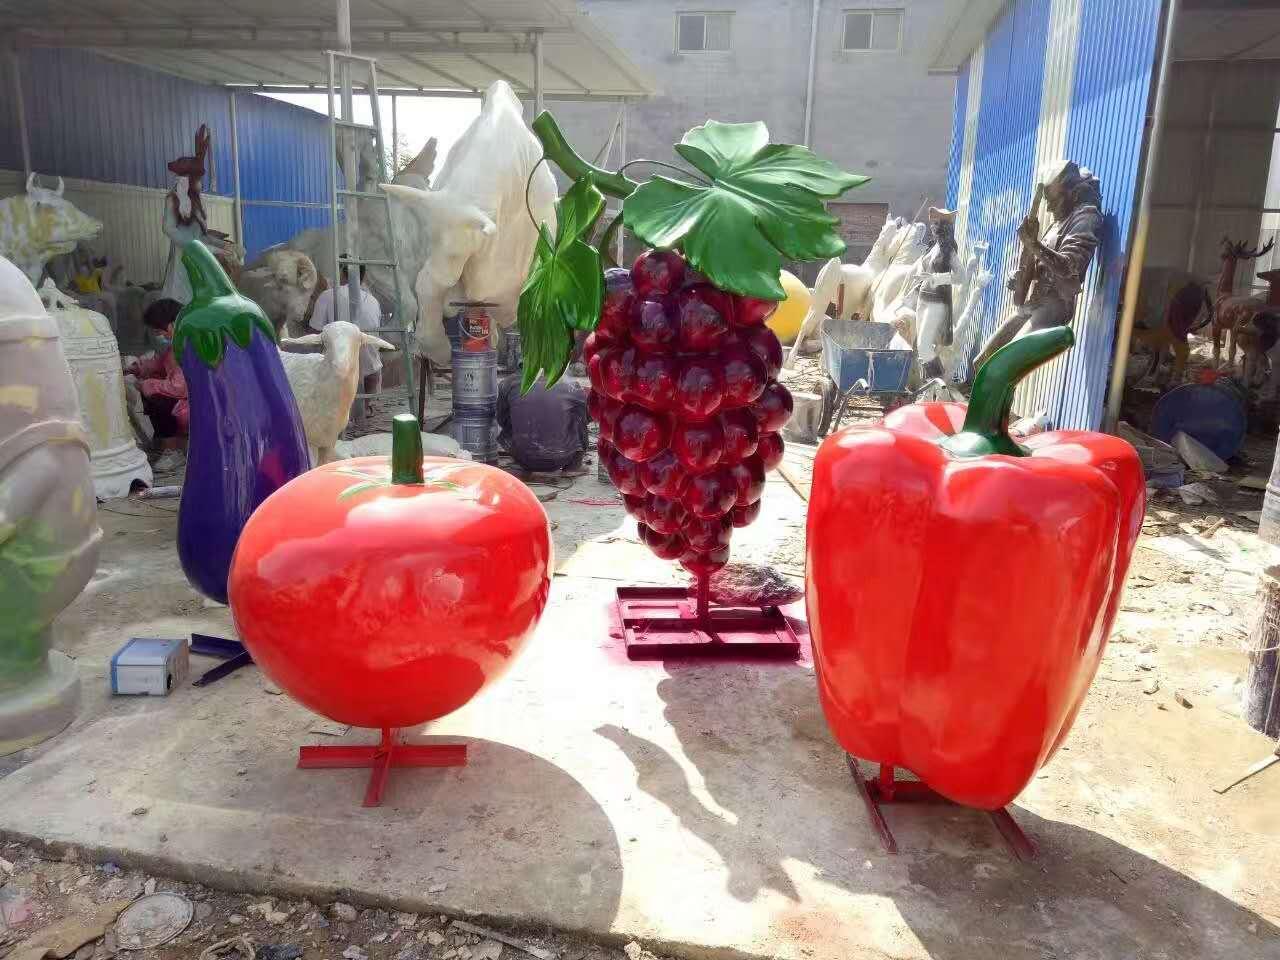 玻璃钢果蔬雕塑摆件,仿真白菜雕塑摆件,蔬菜蔬果雕塑,农业主题雕塑,可